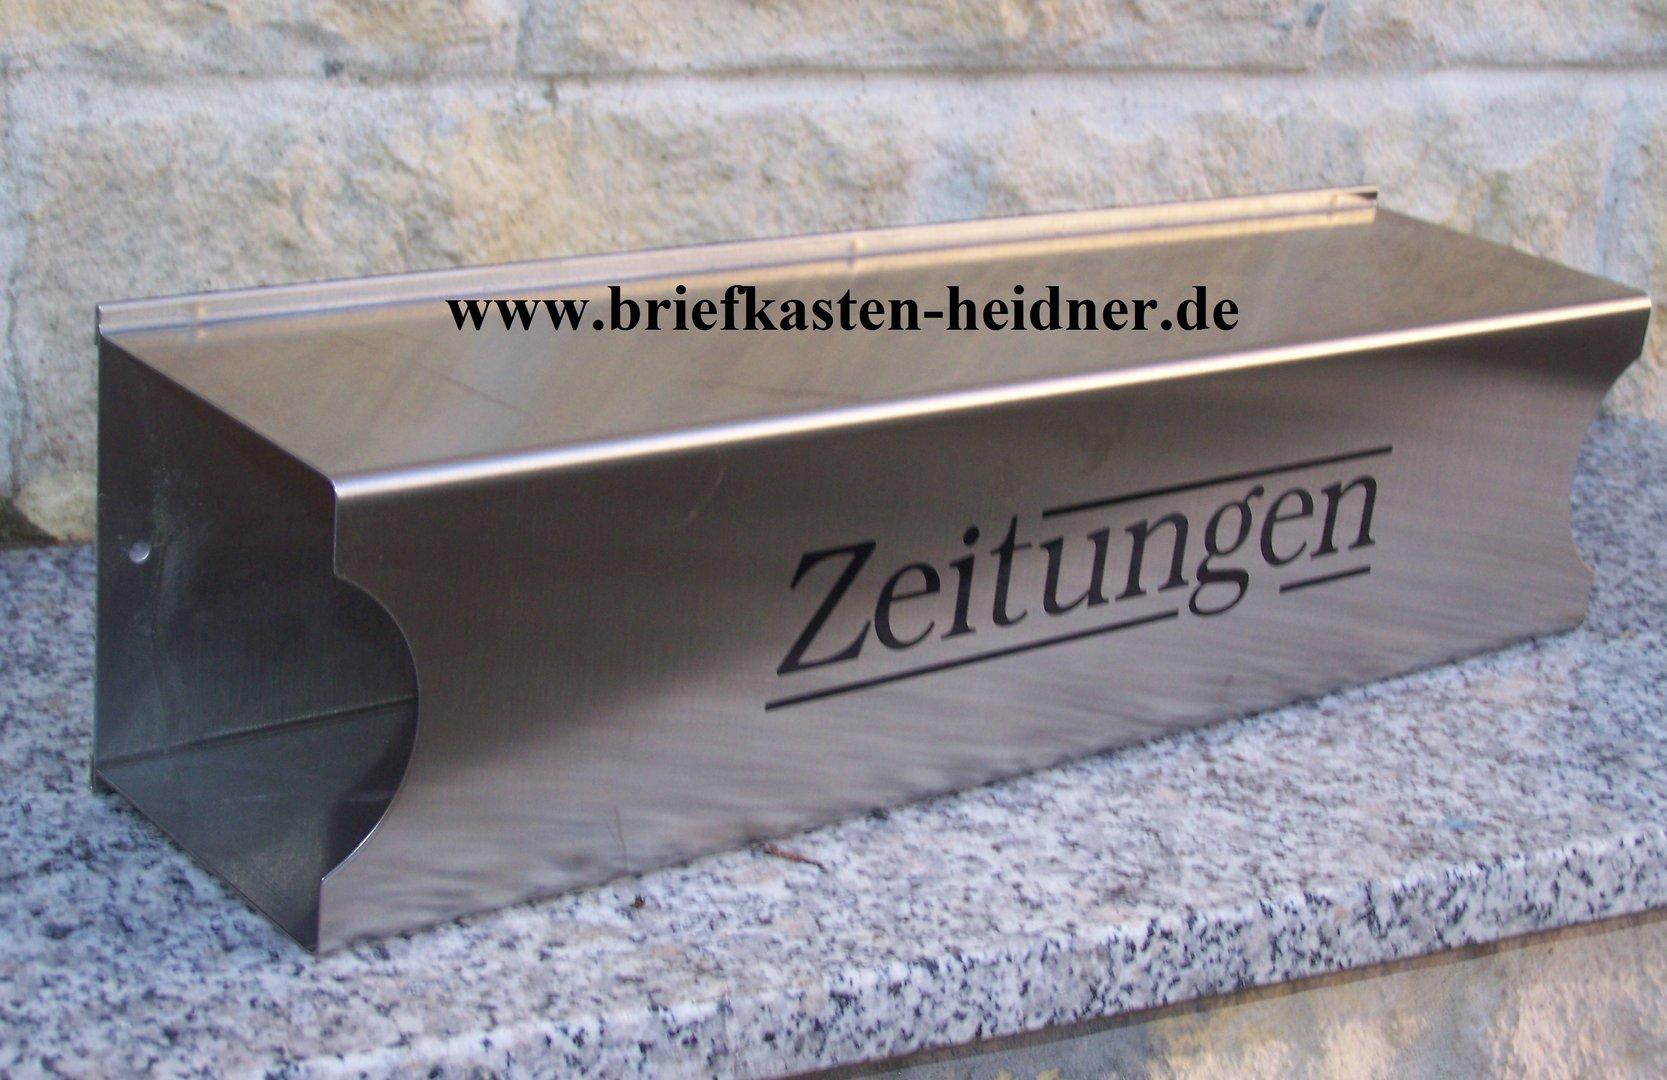 zfh03 knobloch zeitungsfach vermont dz2000 7 edelstahl mit siebdruck briefkastenanlagen. Black Bedroom Furniture Sets. Home Design Ideas